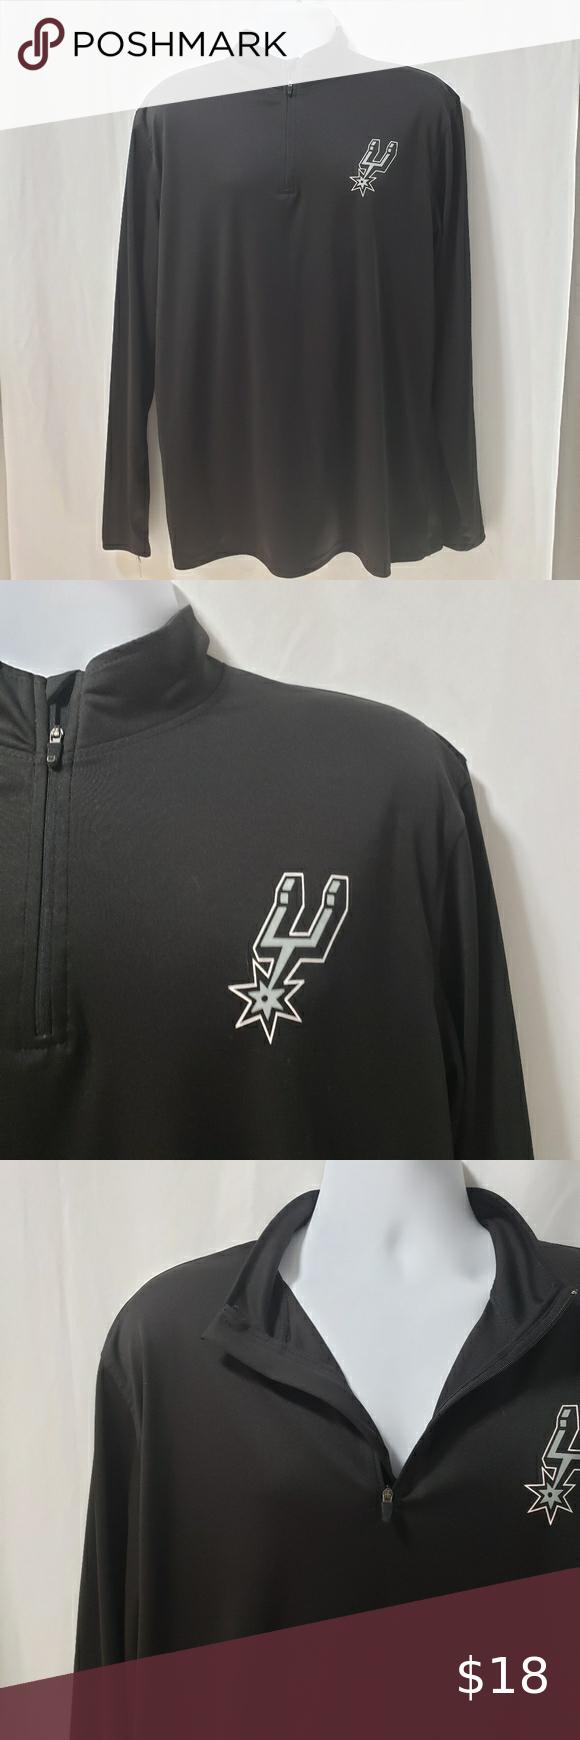 San Antonio Spurs Quarter Zip Sweatshirt Men S Xl In 2020 Quarter Zip Sweatshirt Mens Sweatshirts Long Sleeve Tshirt Men [ 1740 x 580 Pixel ]